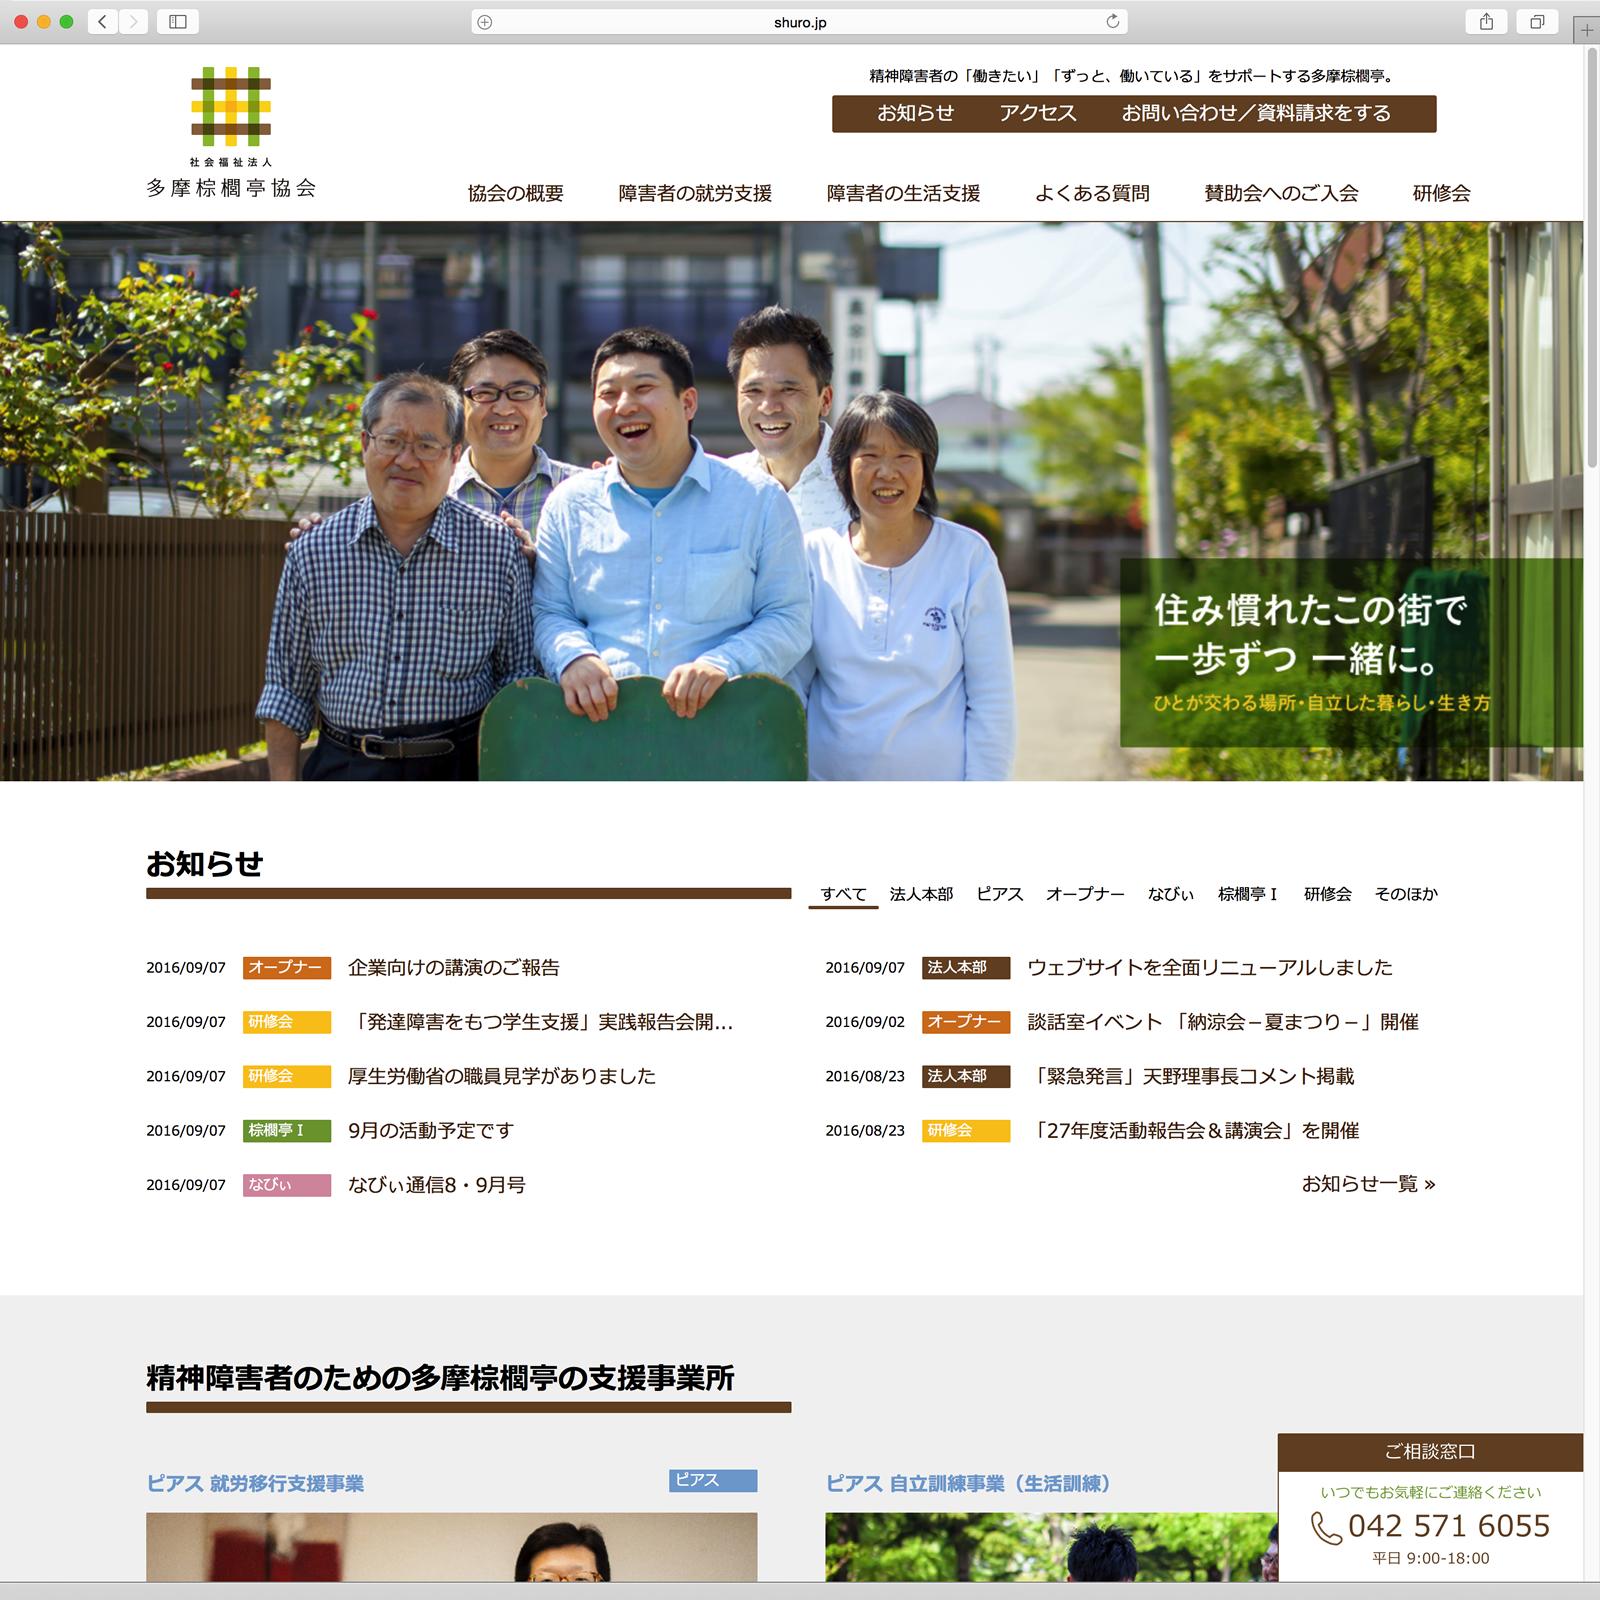 ホームキャプチャー|ウェブデザイン|社会福祉法人多摩棕櫚亭協会